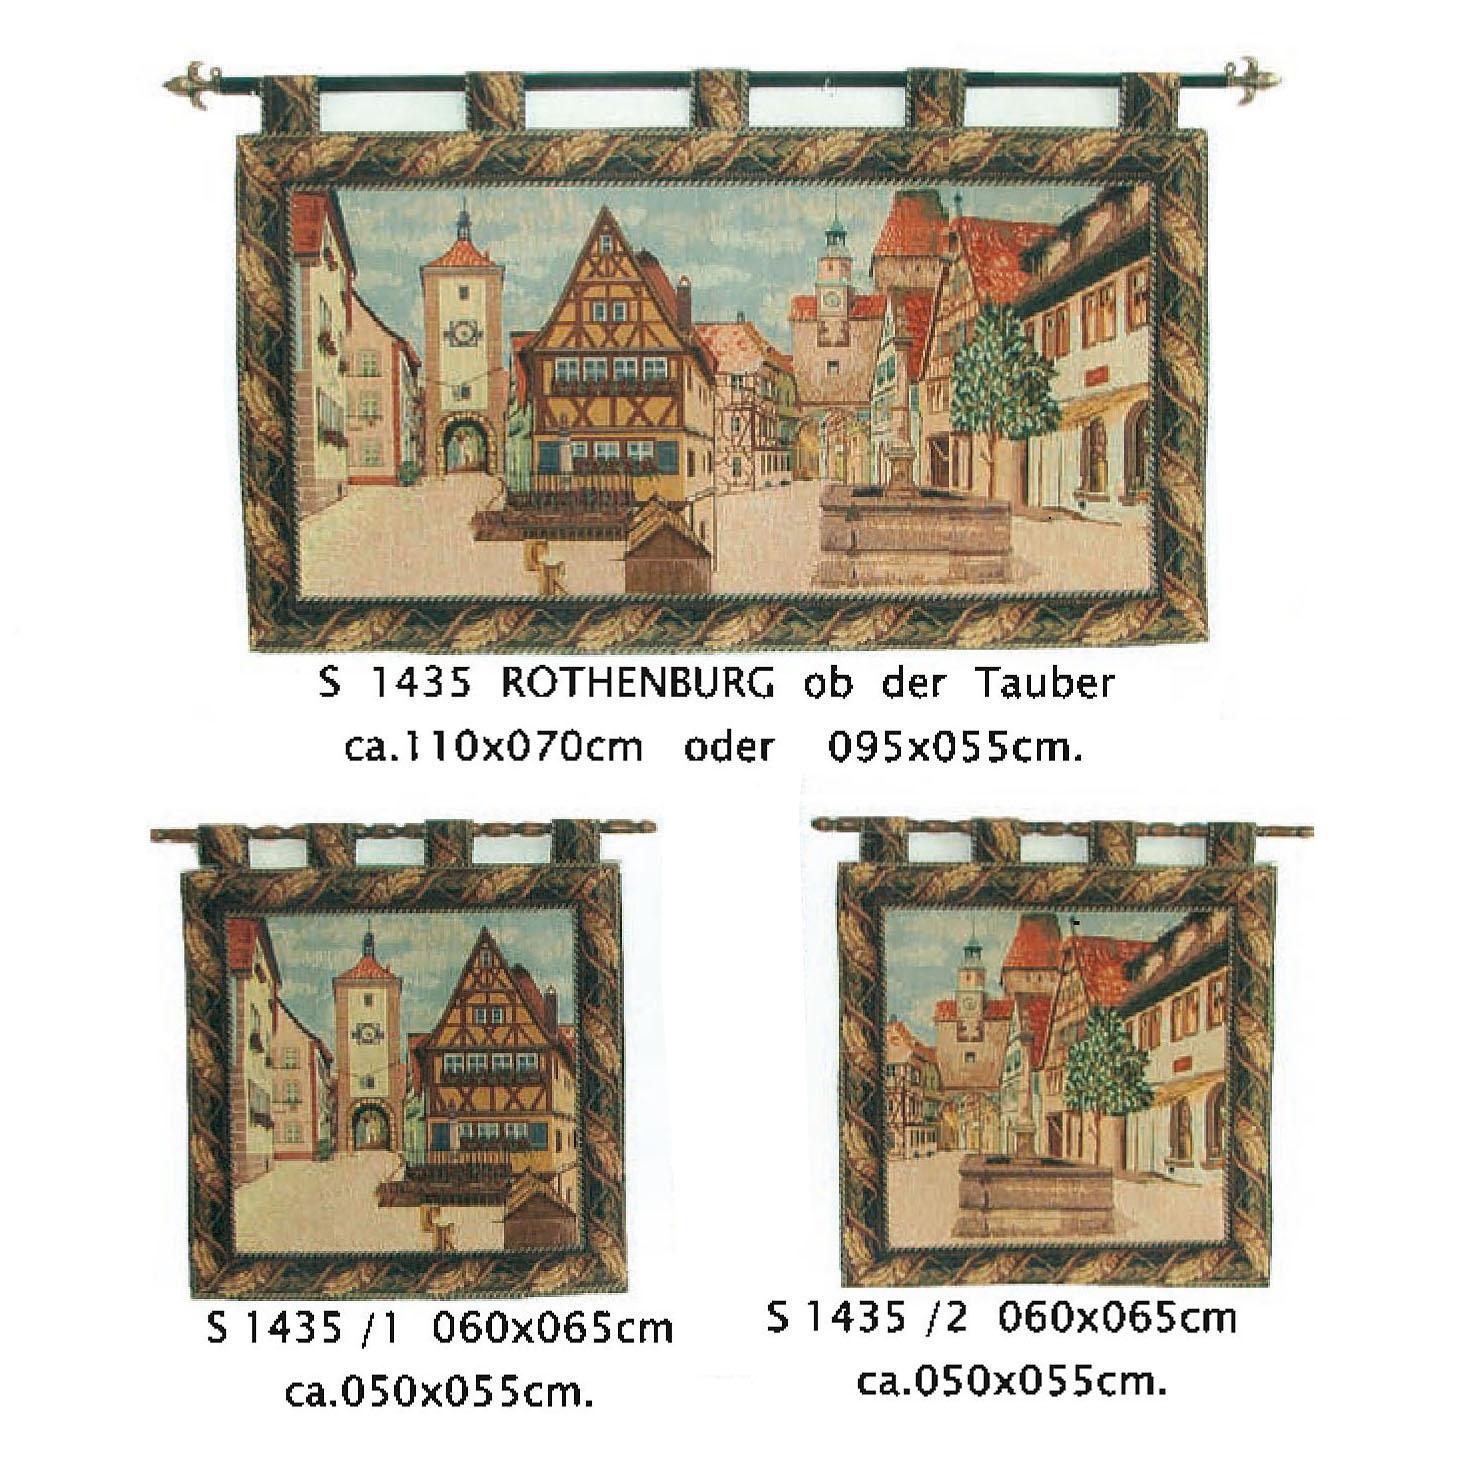 Luka, S1435 Rothenburg ob der Tauber <br> Гобелен Ротенбург-об-дер-Таубер <br> размеры110х070, 095х055, 050х055